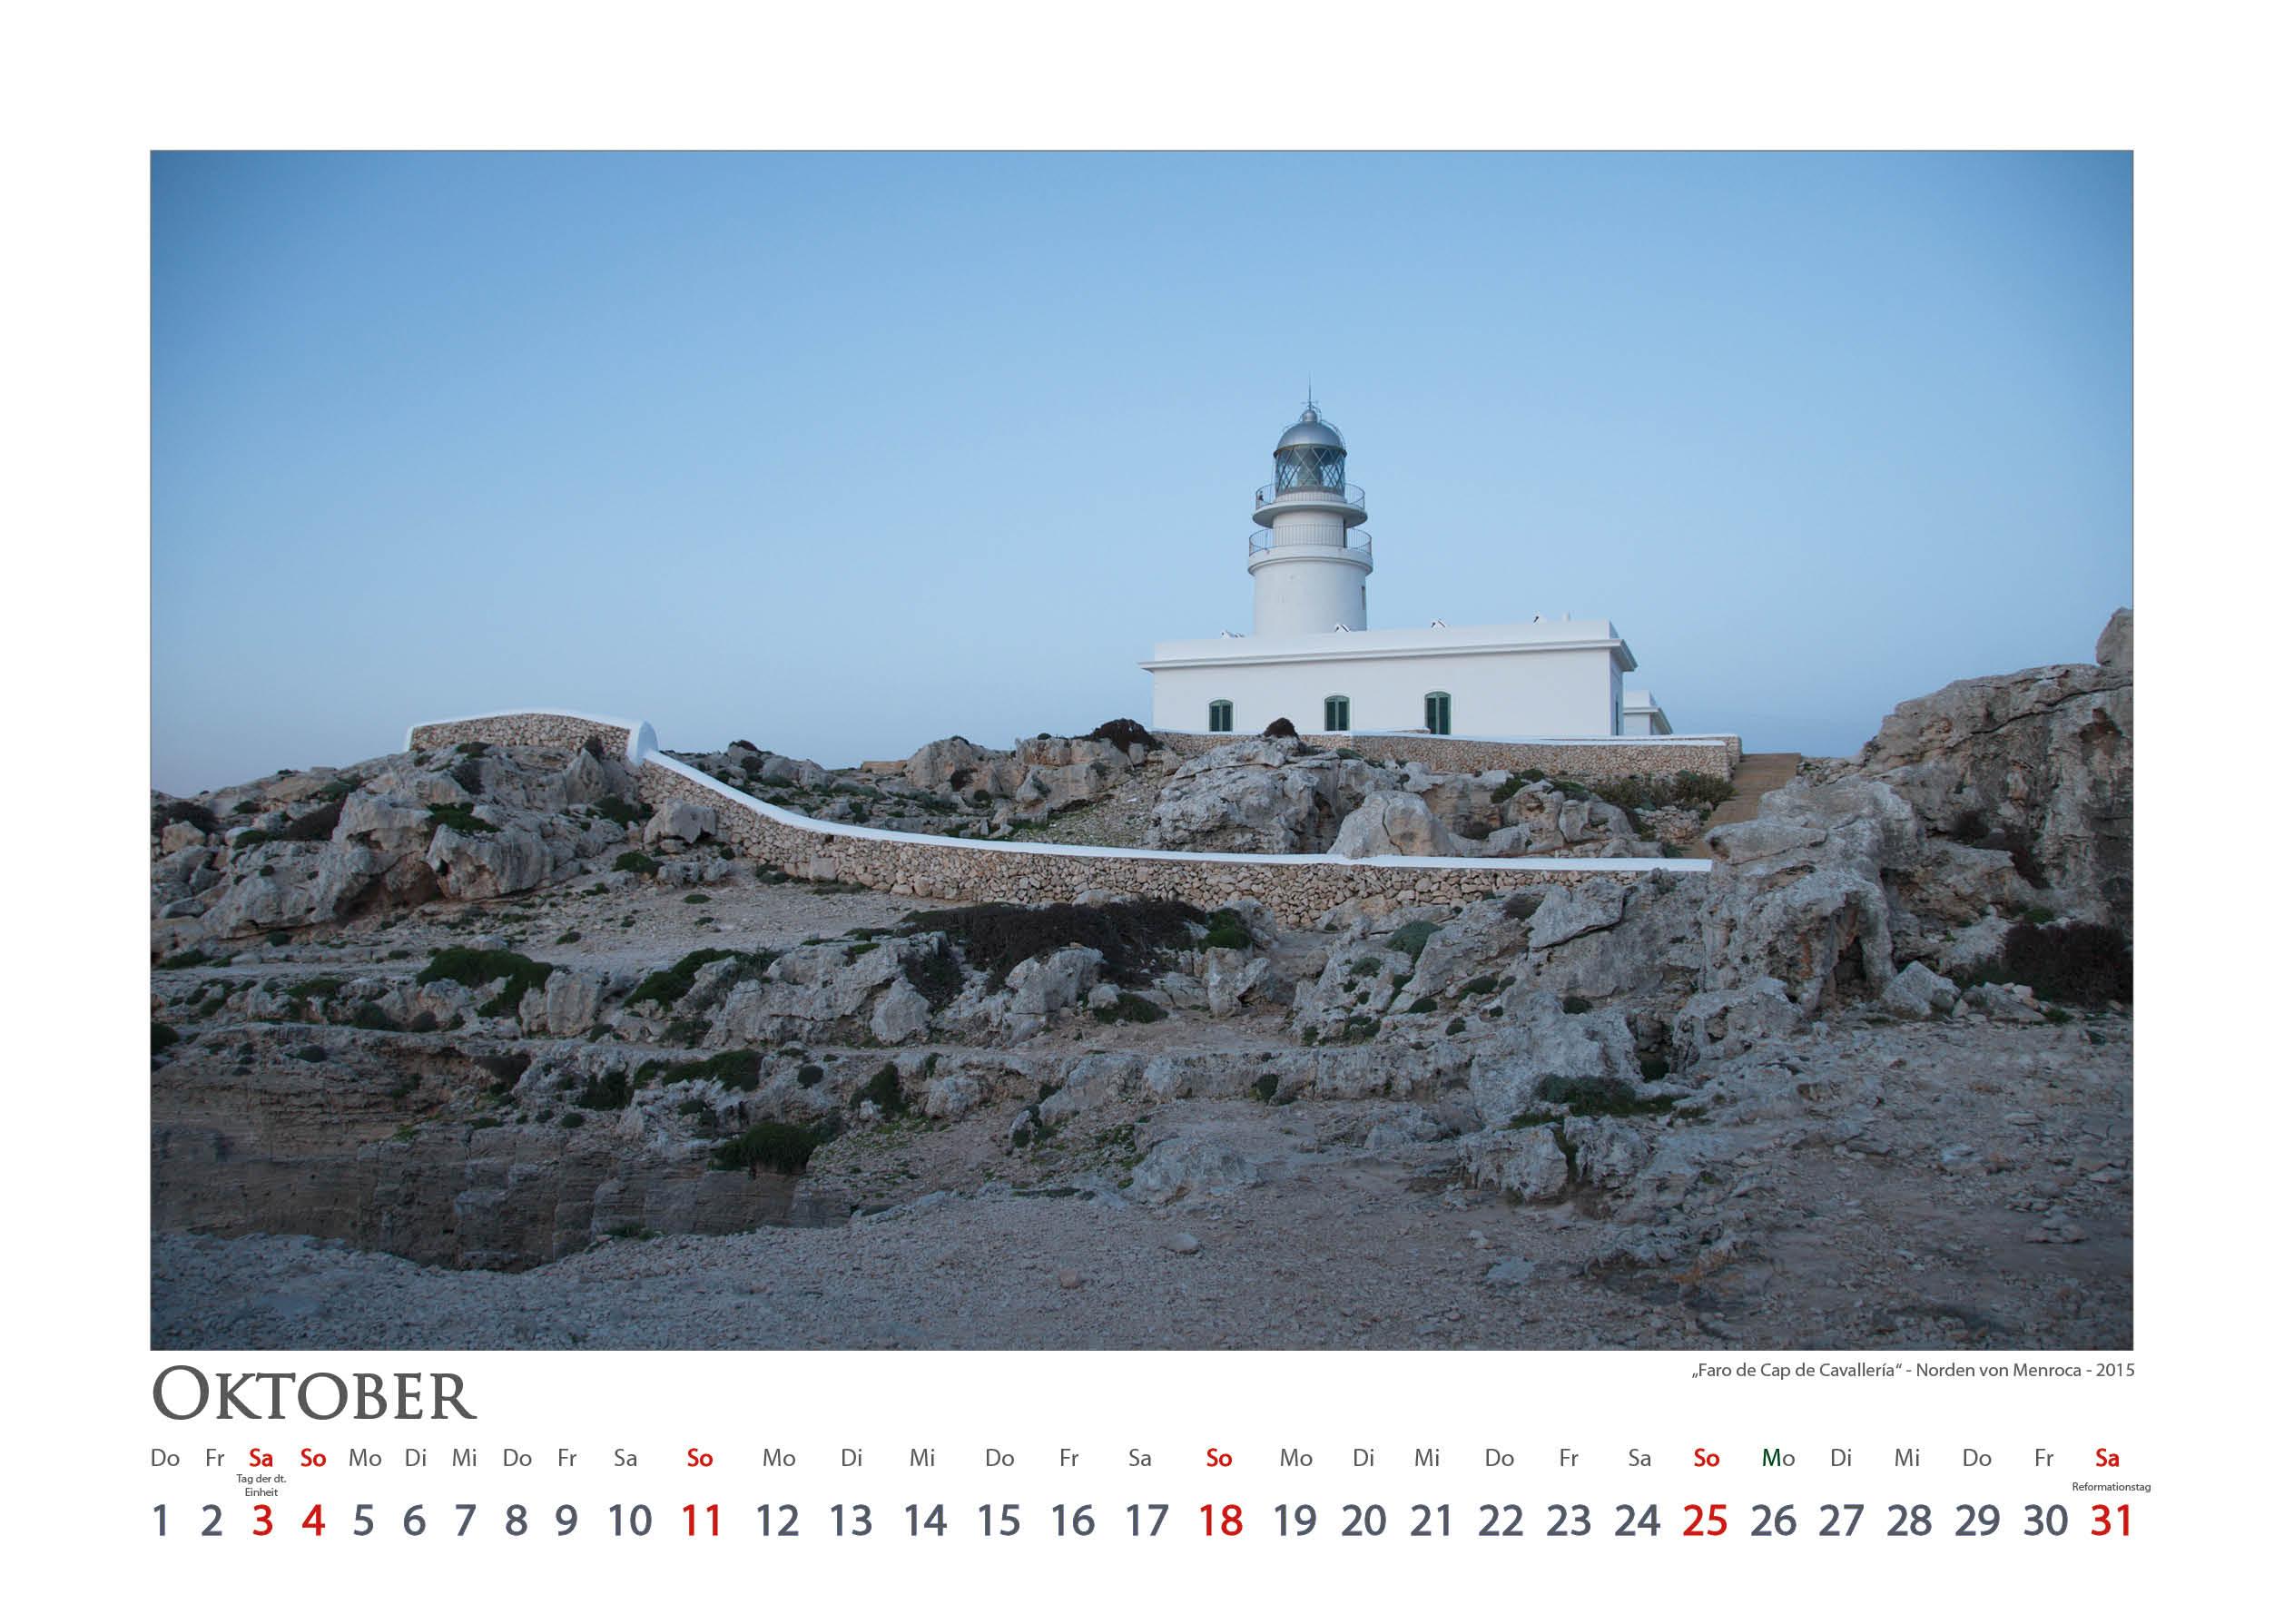 Faro Cap Cavalleria - Leuchttürme - Kalender 2020 © Katharina Hansen-Gluschitz